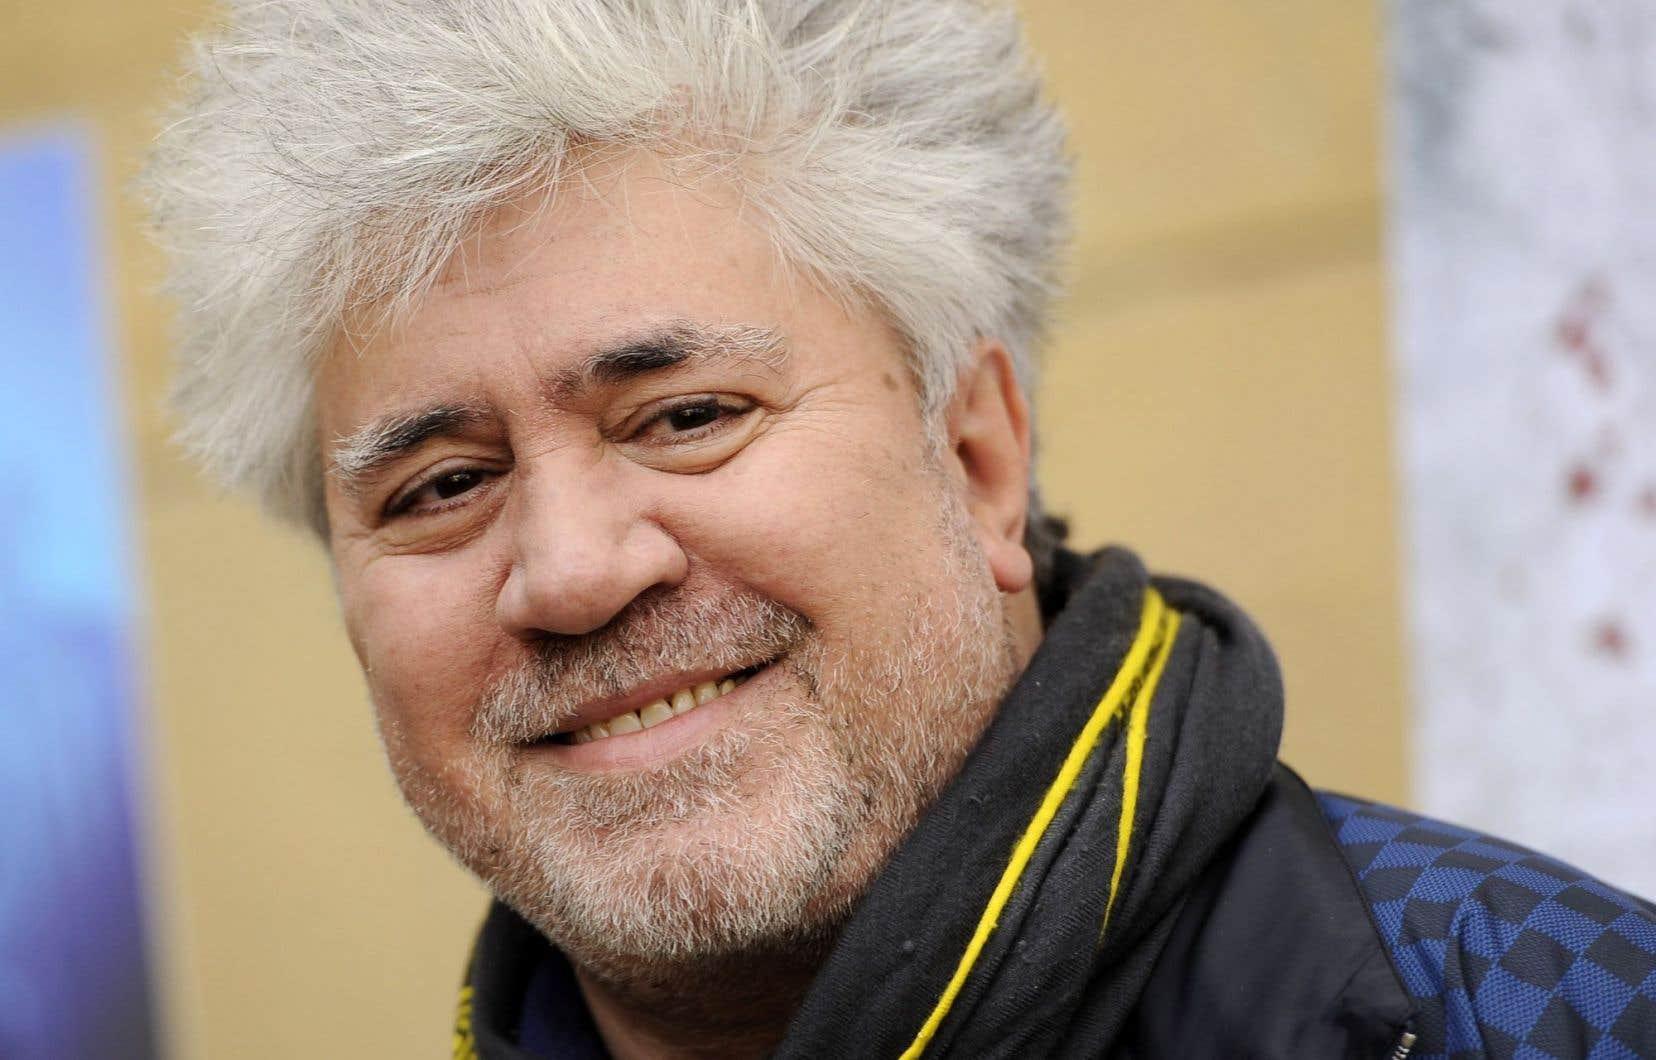 Almodóvar avait été membre du jury de Cannes sous la présidence de Gérard Depardieu en 1992.